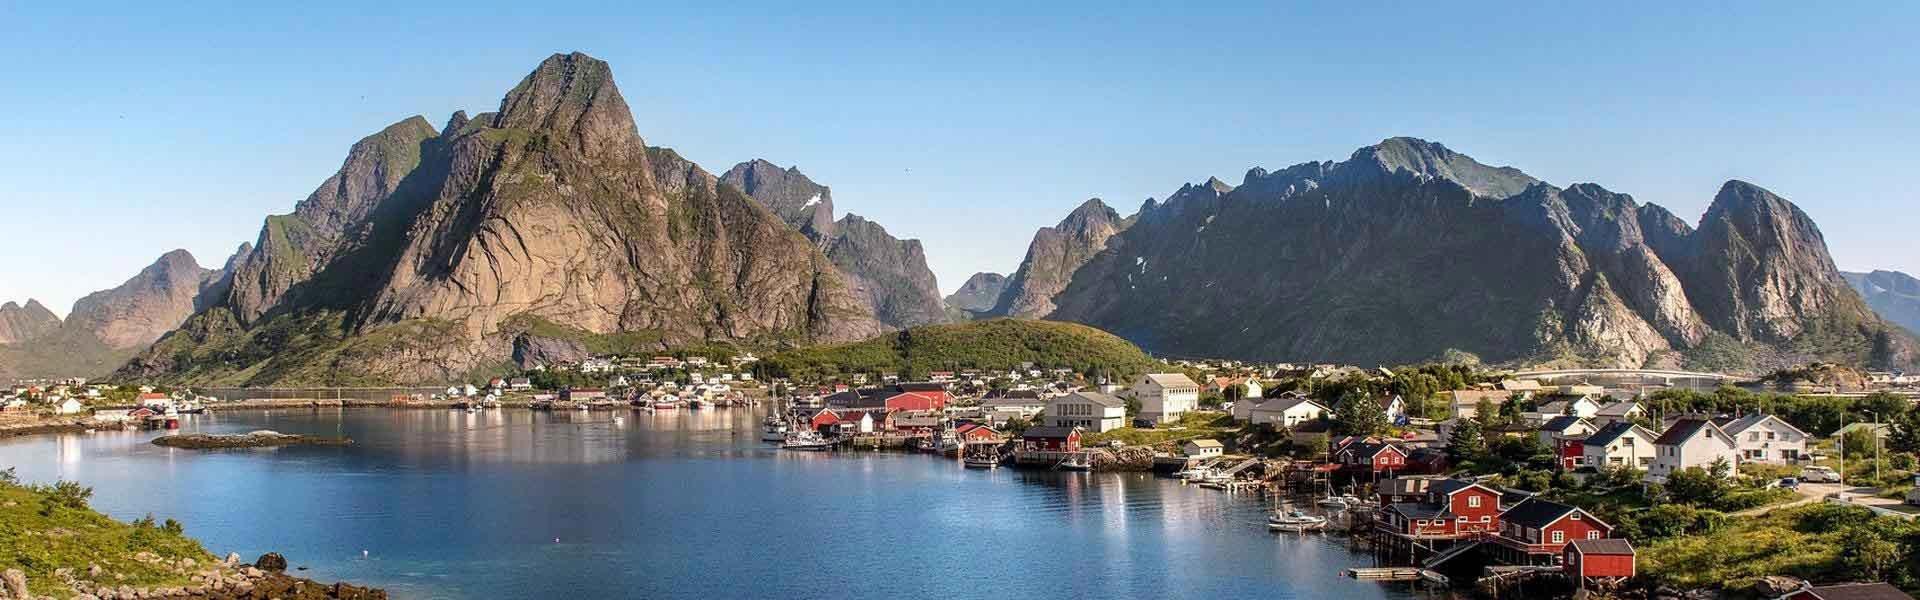 Maak een camperreis door Noorwegen met Victoria CamperHolidays